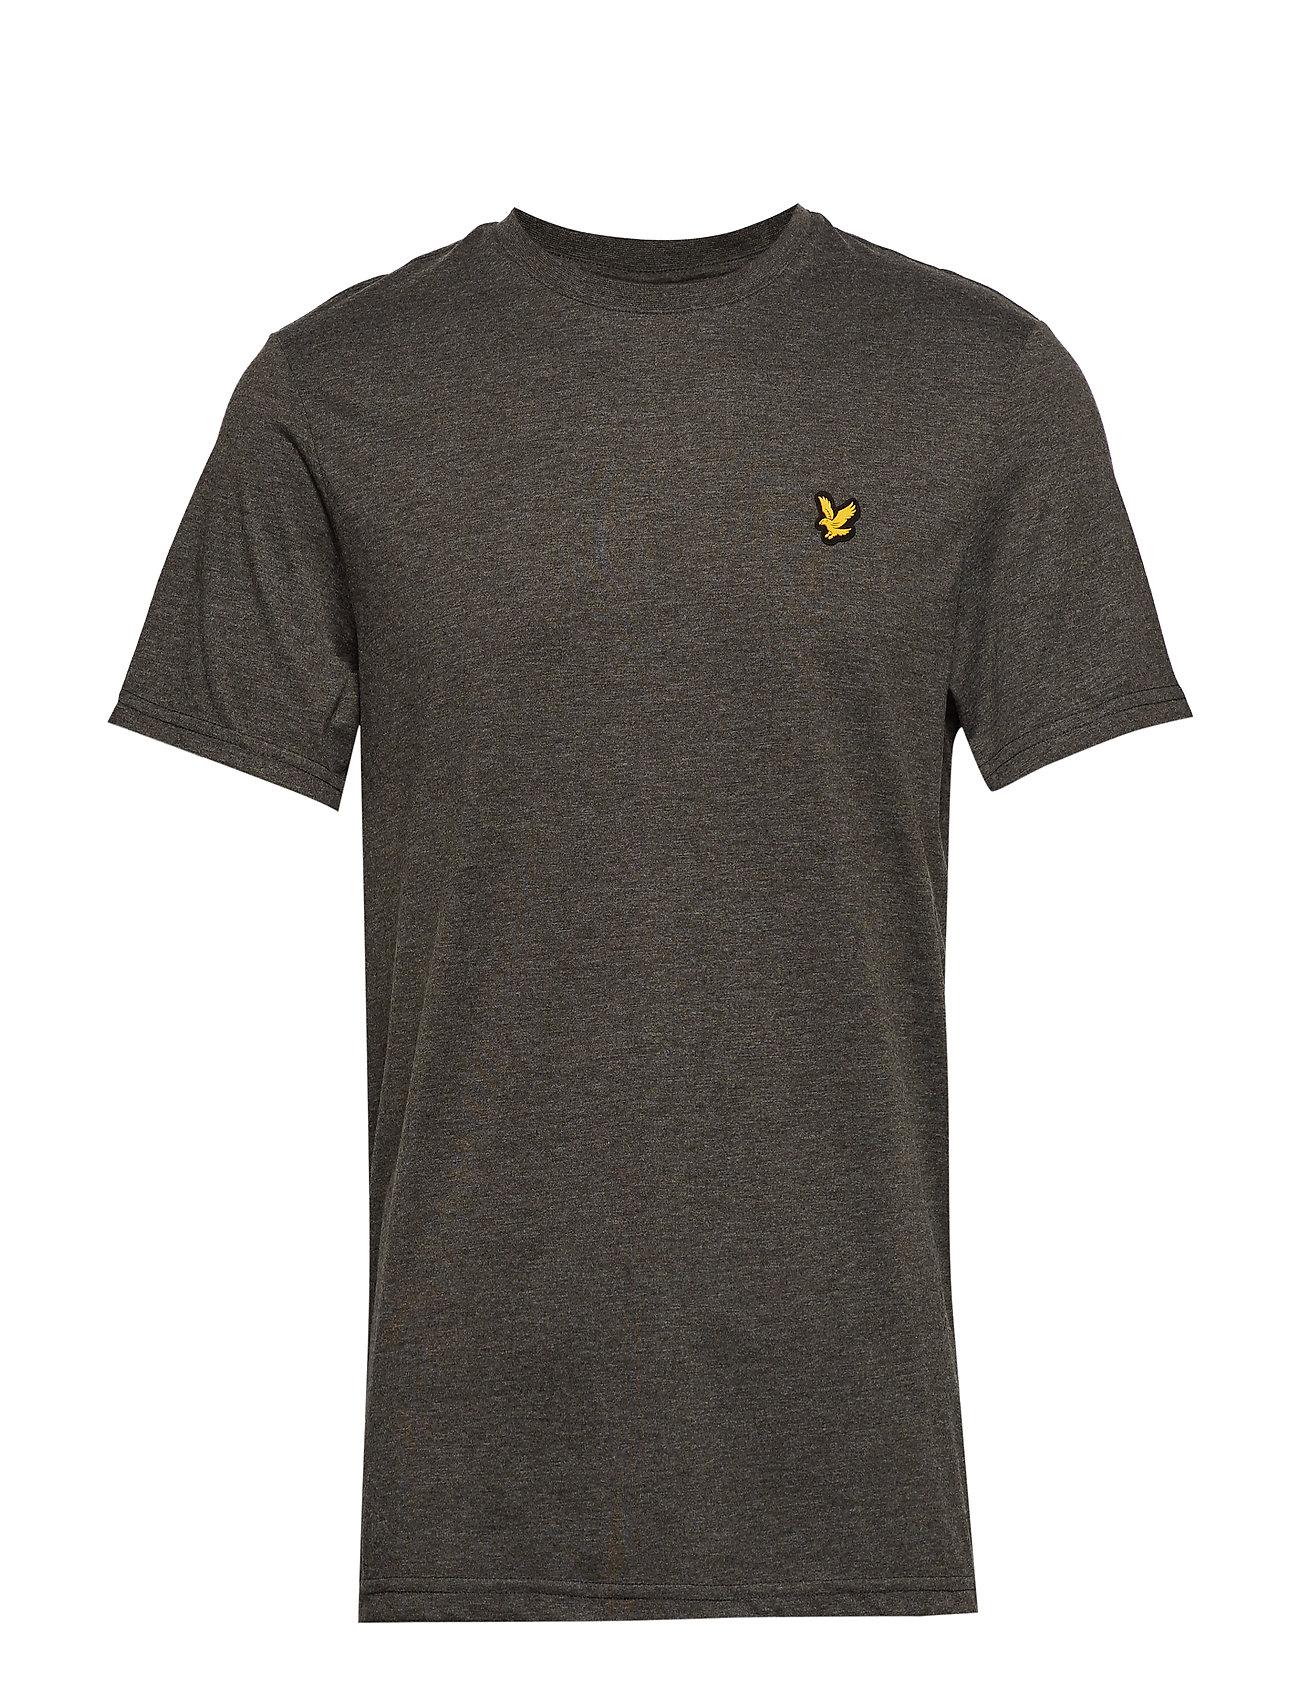 Lyle & Scott Sport Martin SS T-Shirt - DEEP SPRUCE MELANGE